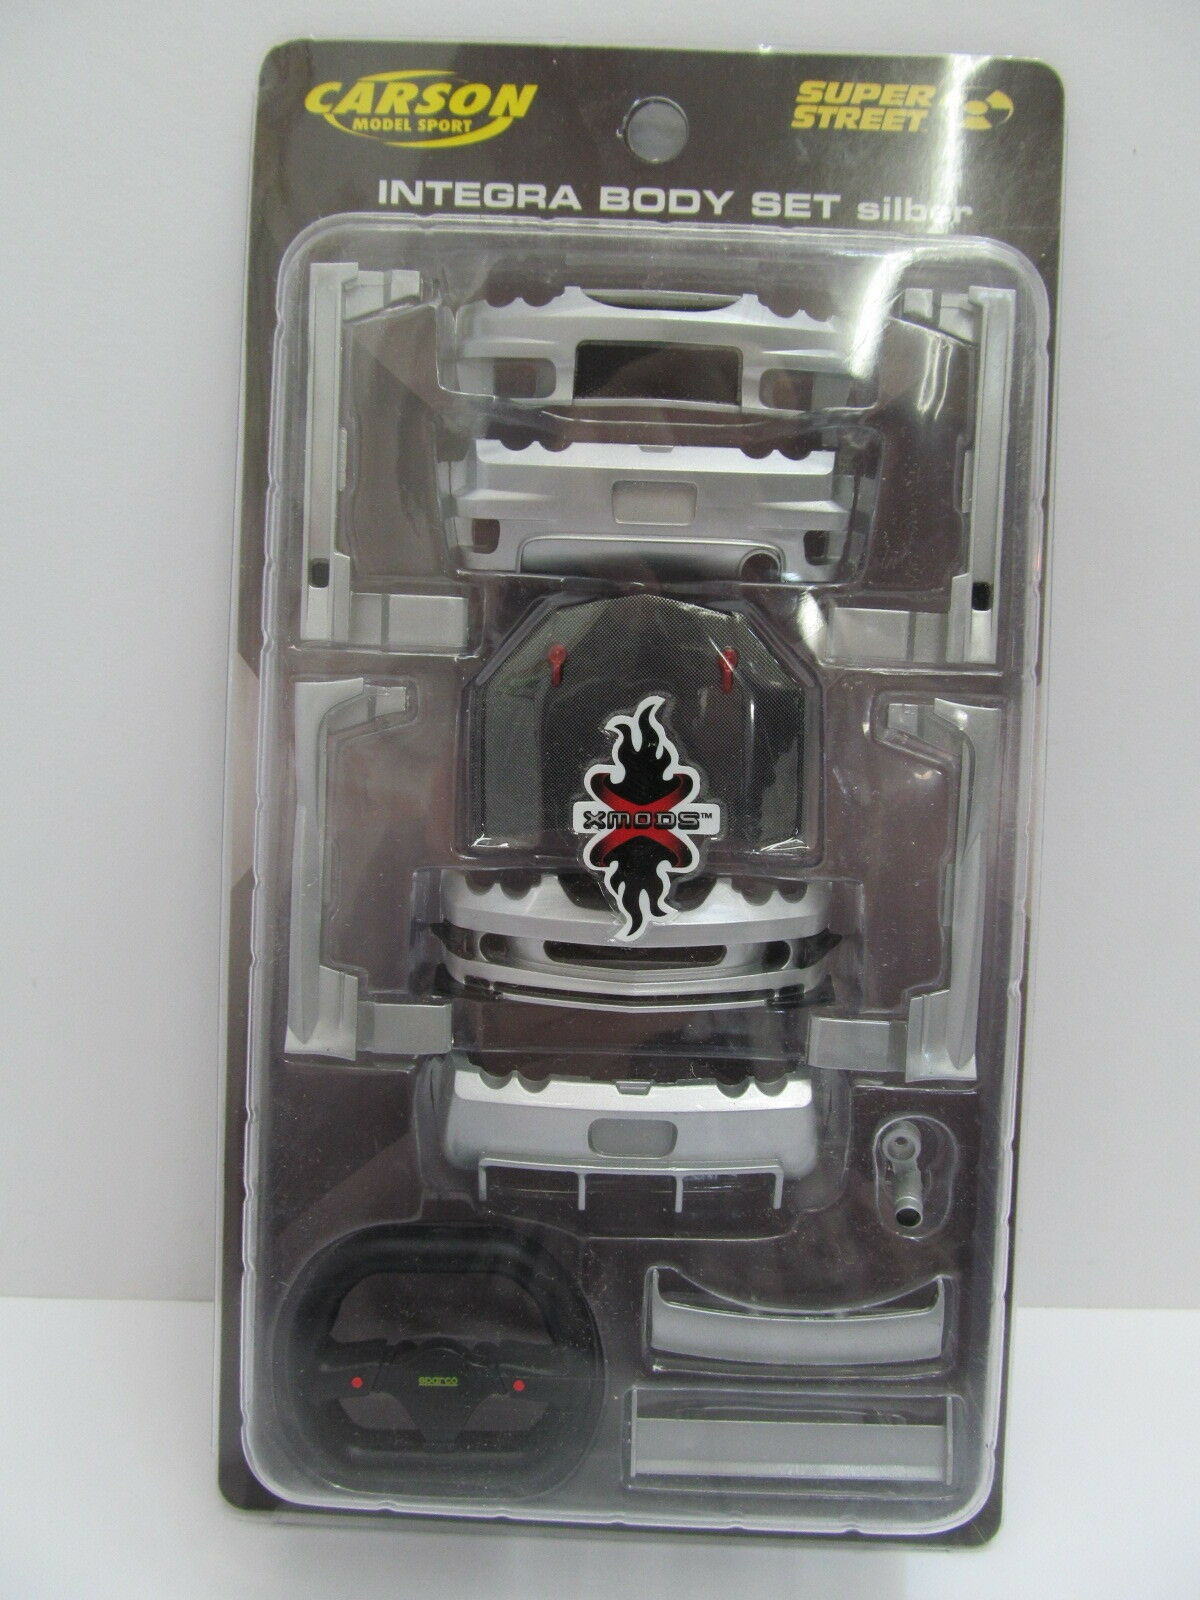 Mes-48848 Mes-48848 Mes-48848 59712 Carson 1 24 integra body set plateado muy buen estado,  los clientes primero